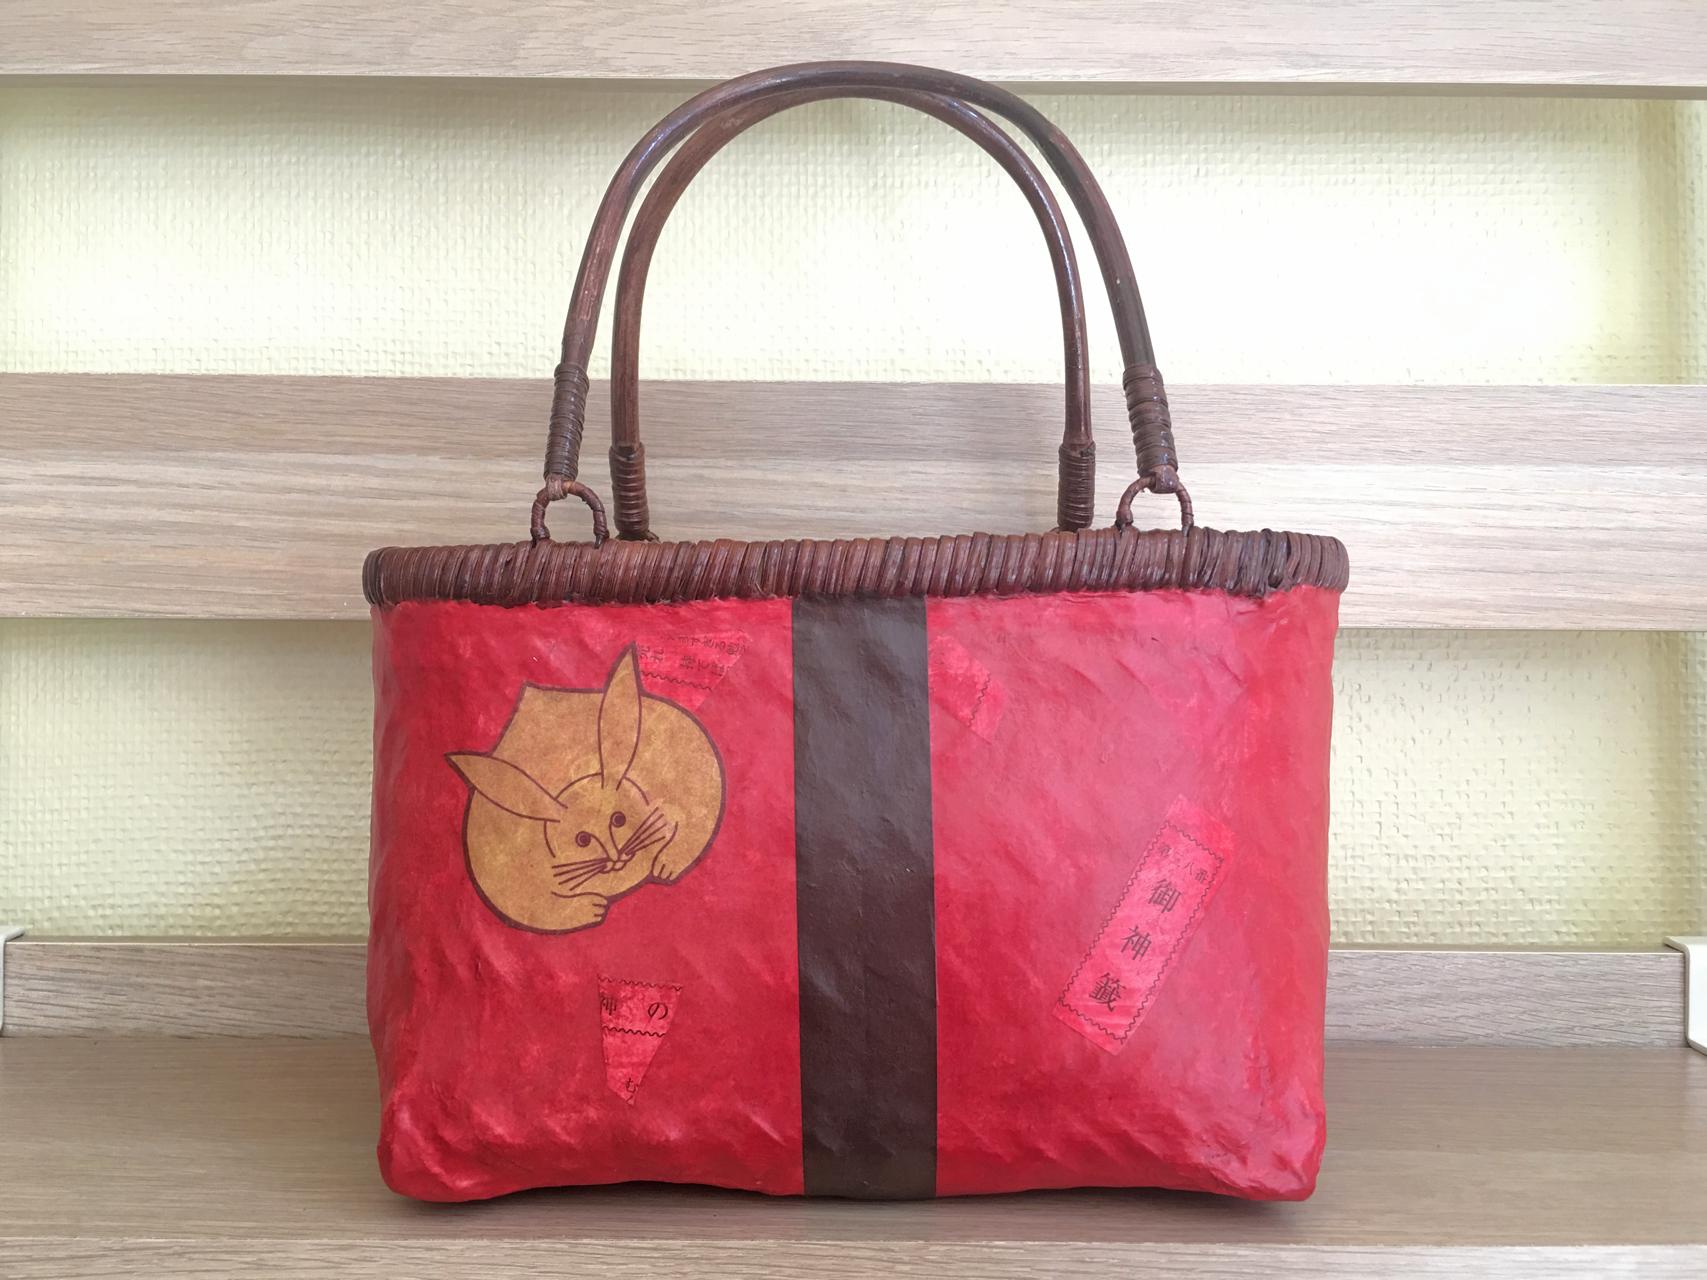 おみくじ入り和紙赤色兎かごバッグSサイズ